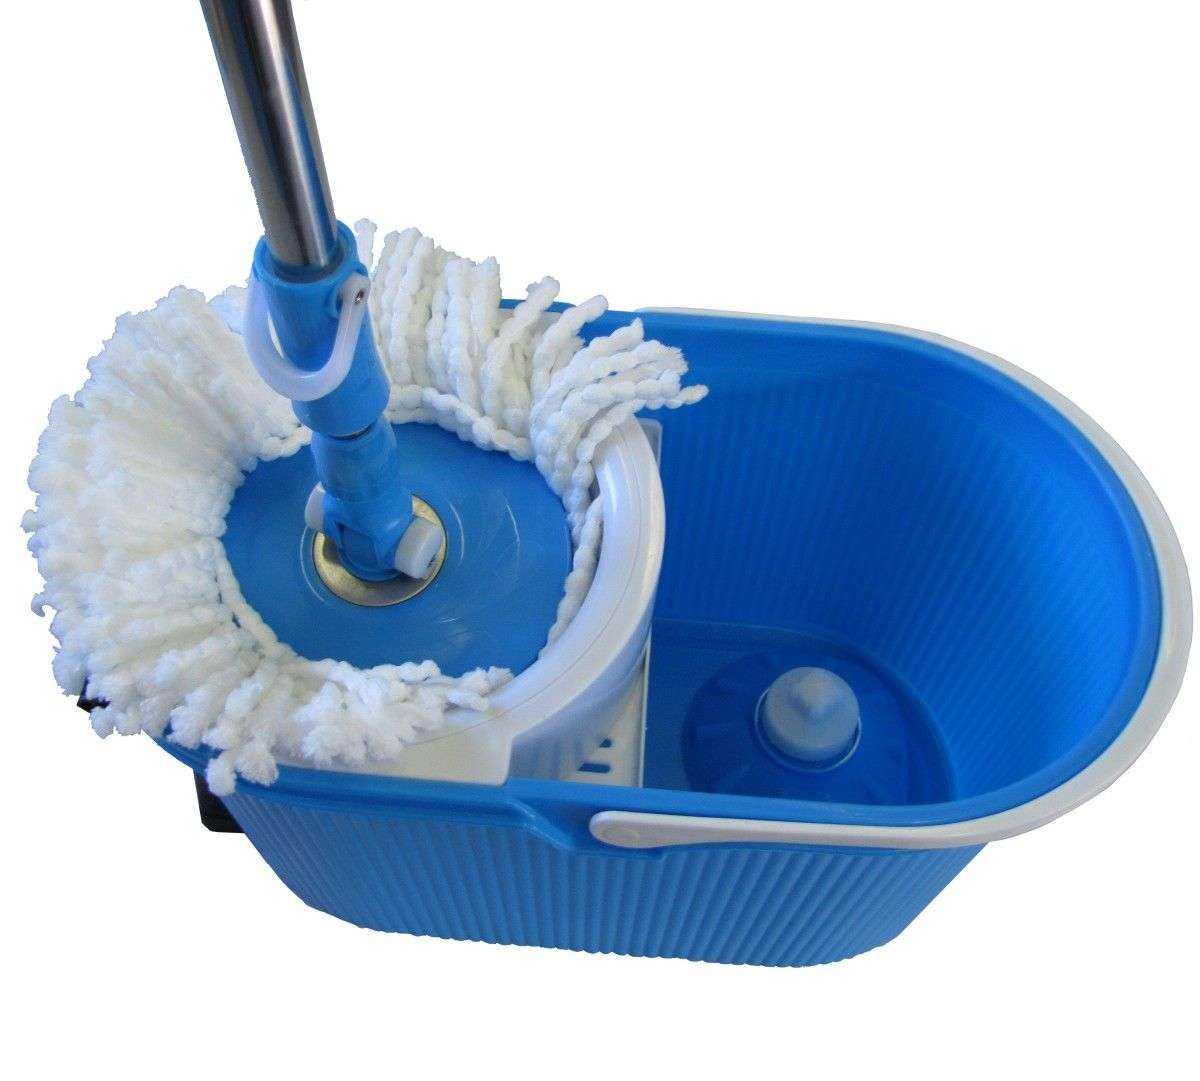 turbo mop pro ensemble de lavage seau mop. Black Bedroom Furniture Sets. Home Design Ideas